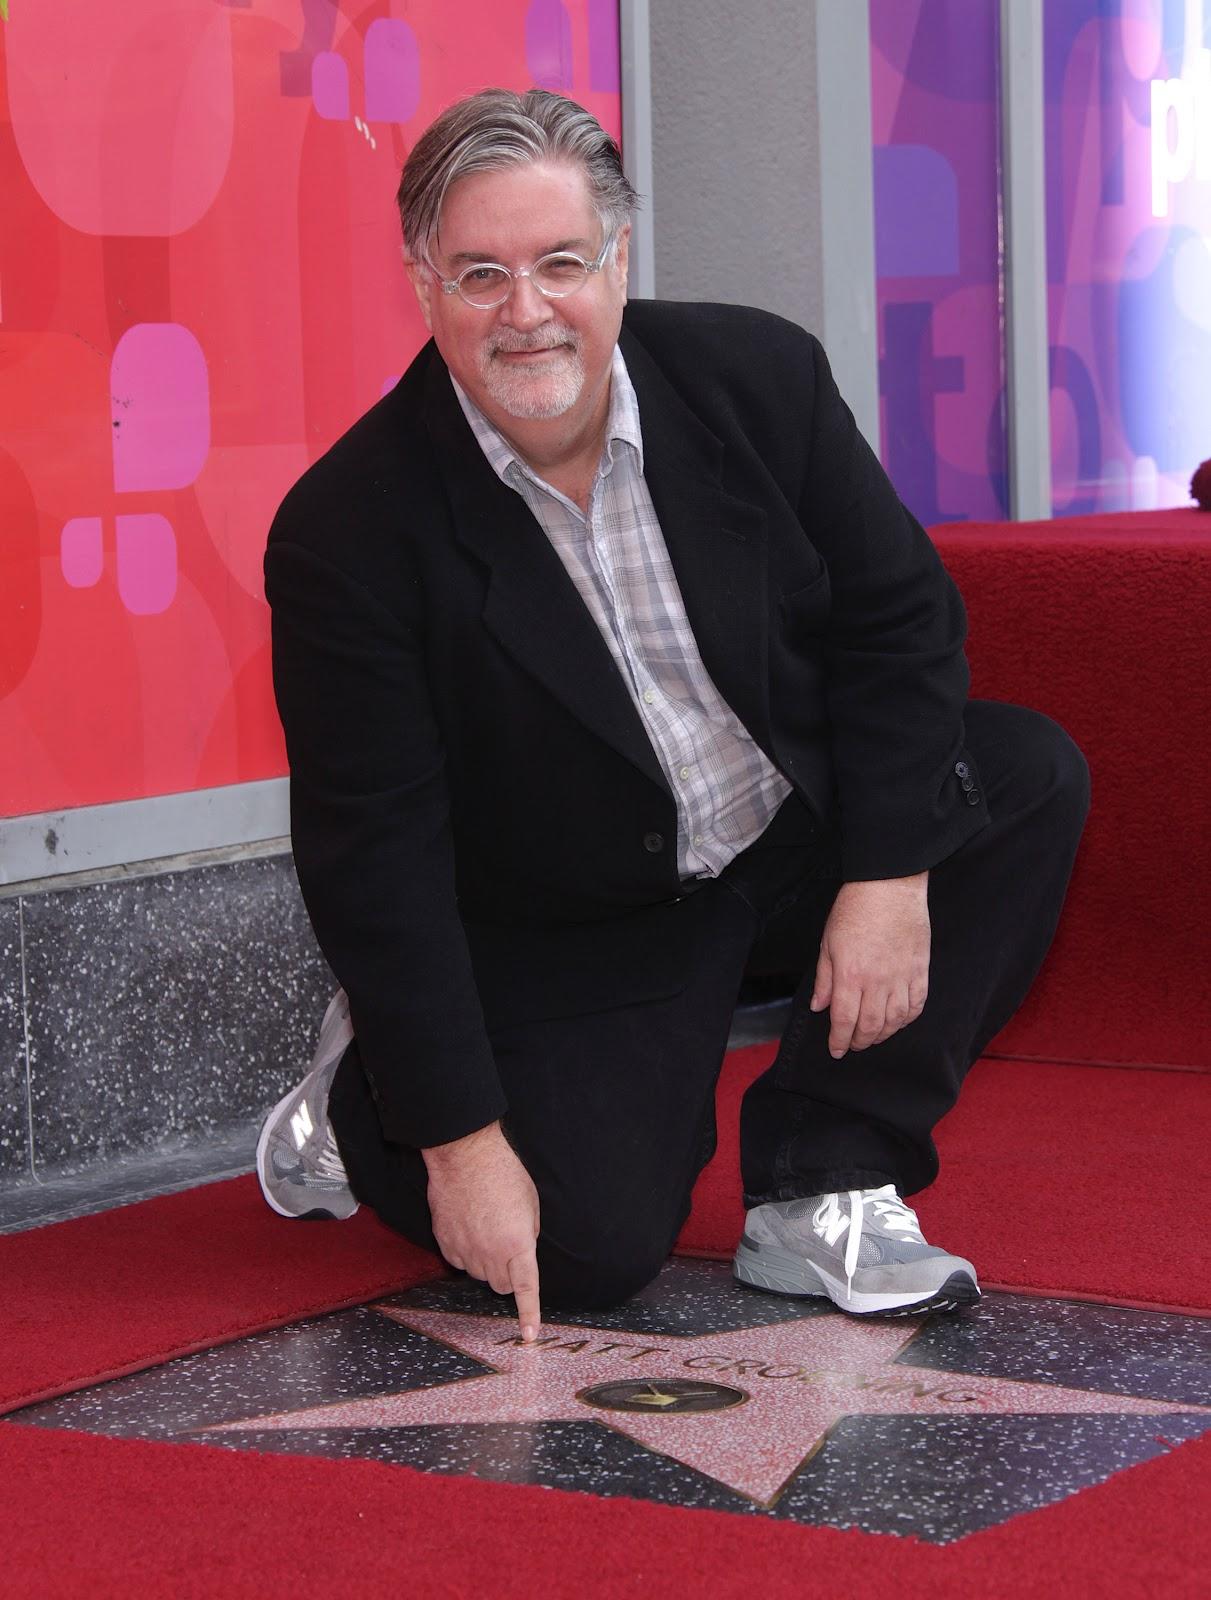 Celebrity Matthew Abram